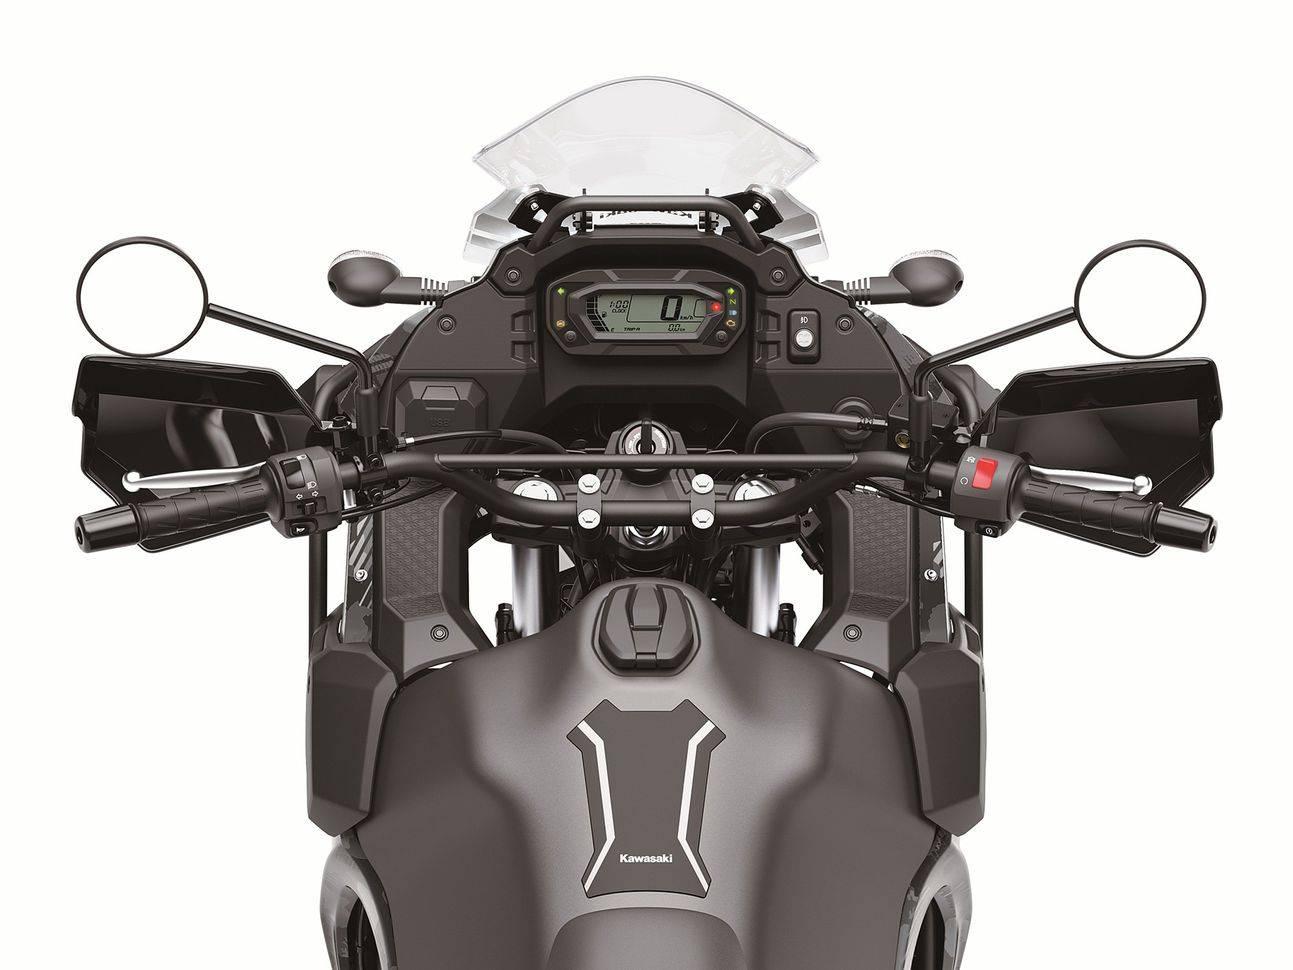 Kawasaki KLR650 2022 speedo